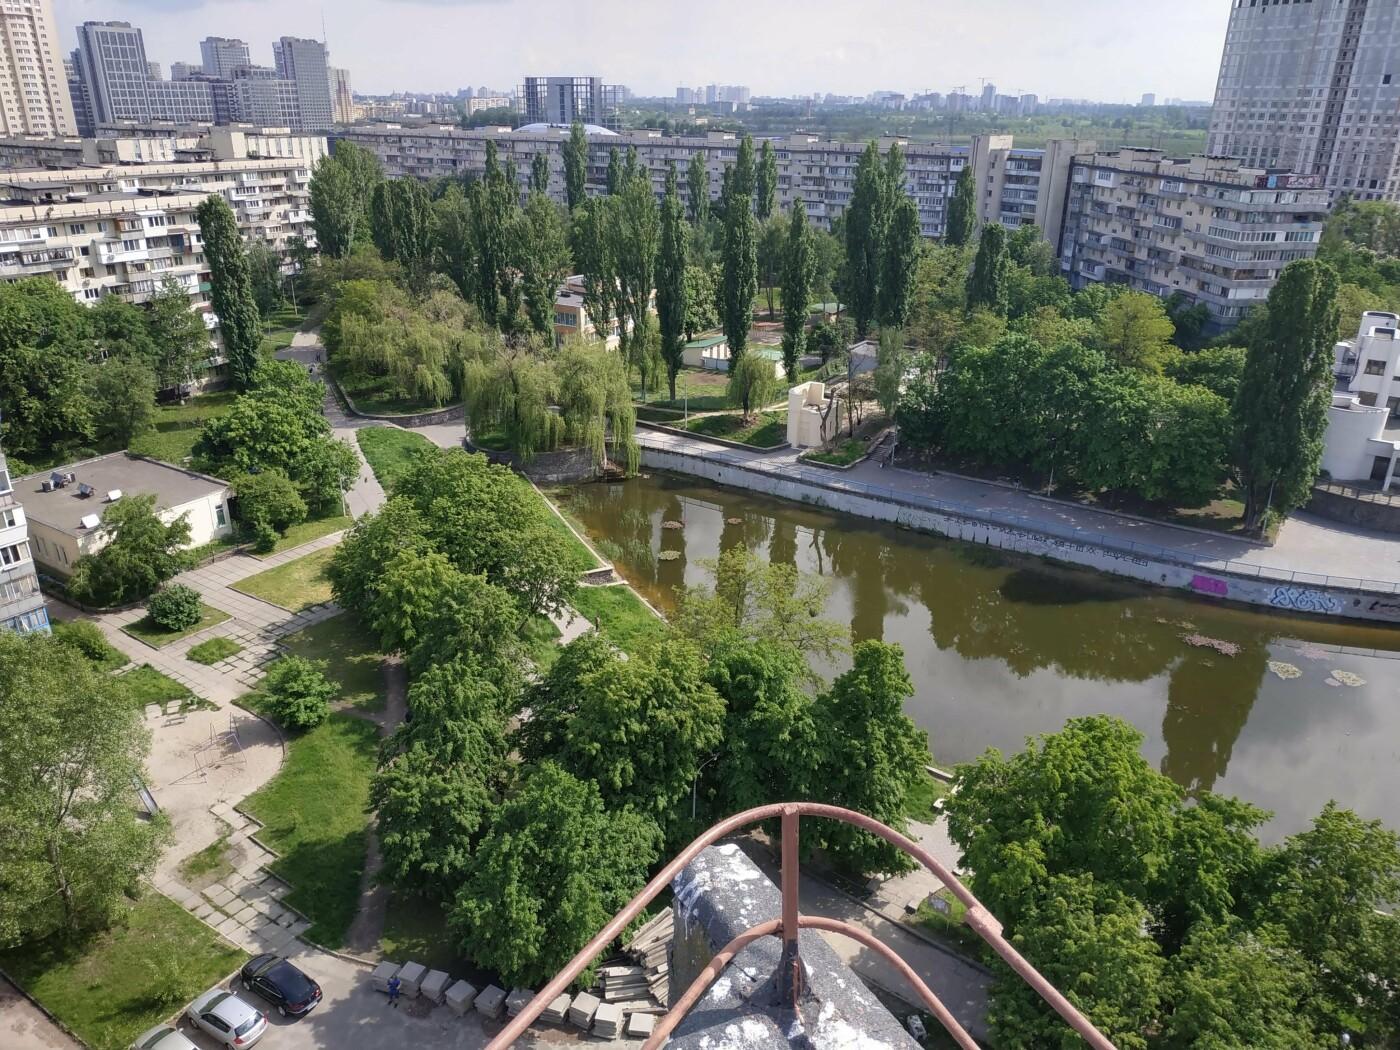 Виноградарь в Киеве: кто основал и когда строился жилой массив, - ФОТО, Фото: Anton Bilskiy